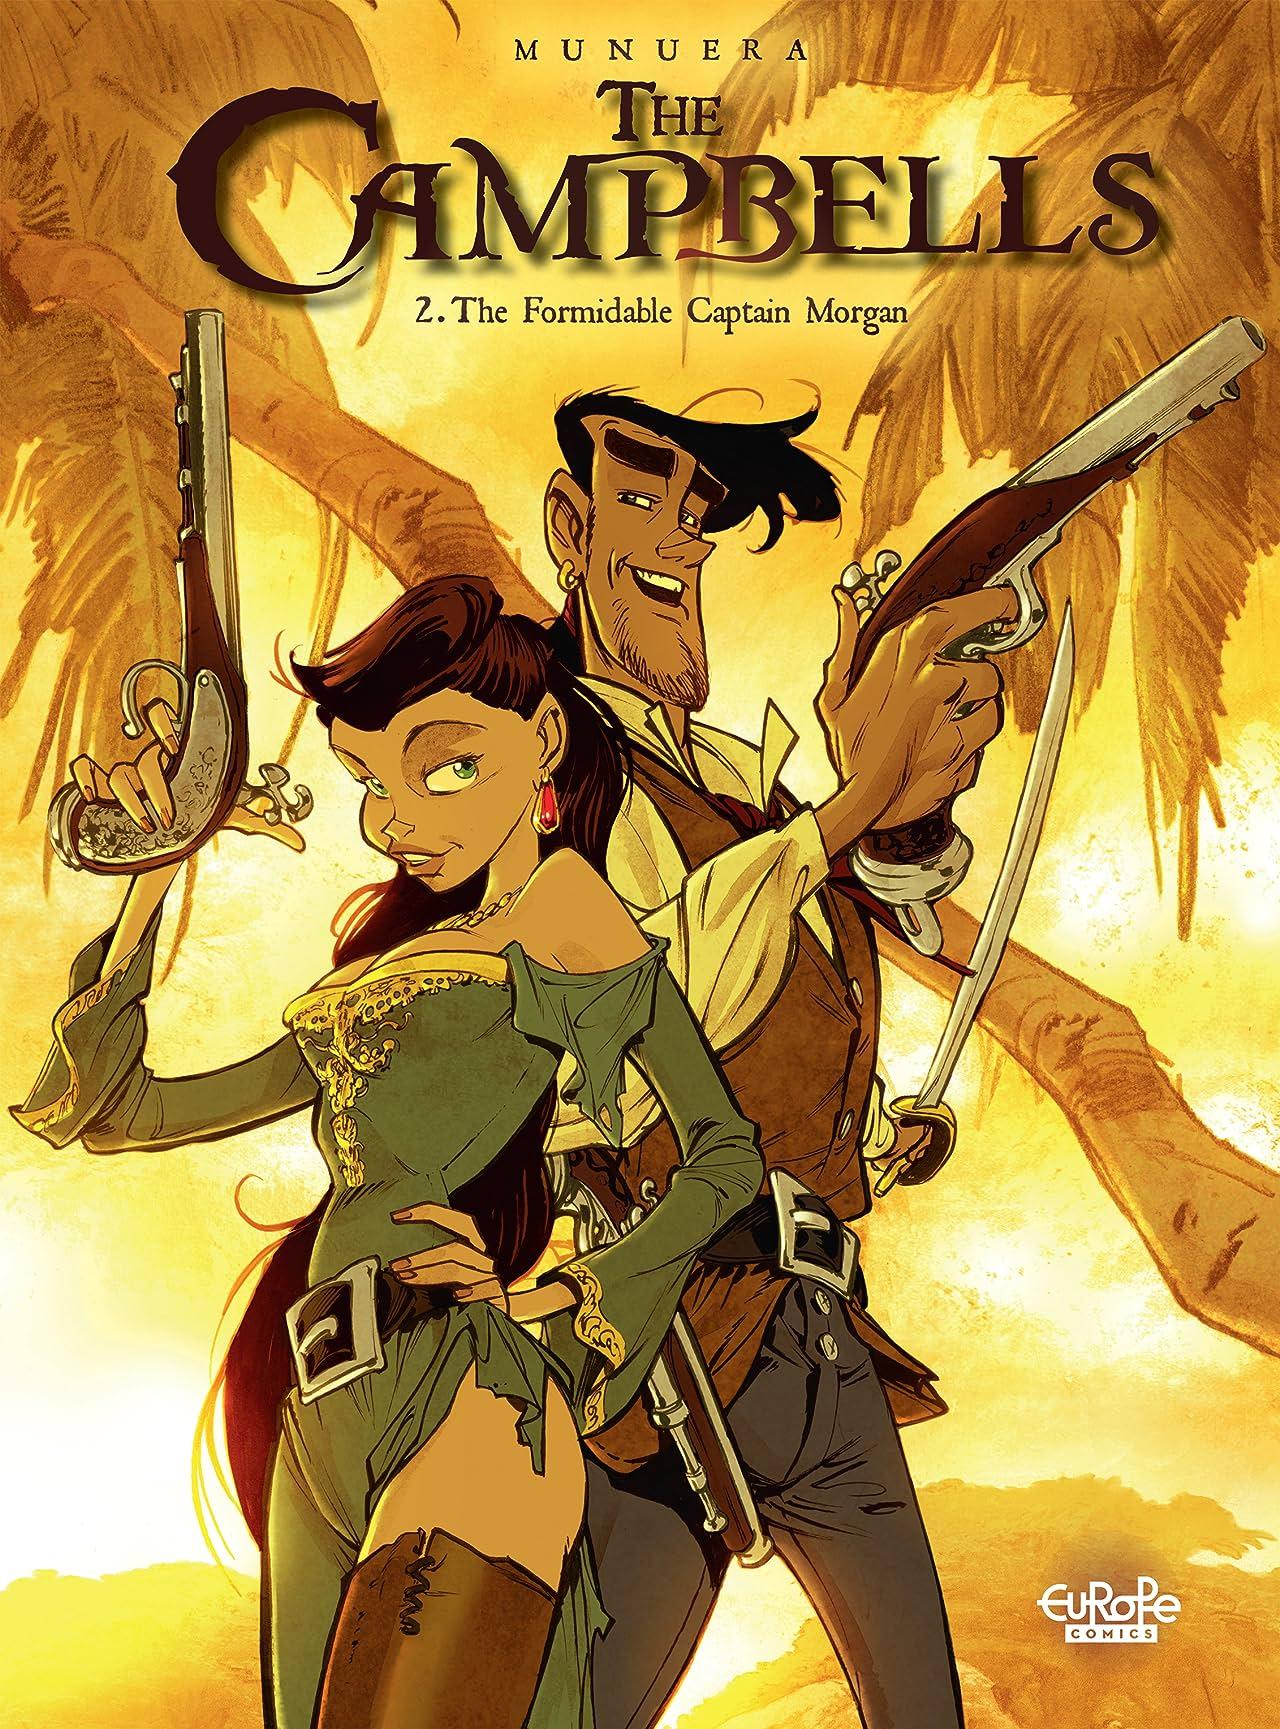 The Campbells Vol. 2: The Formidable Captain Morgan